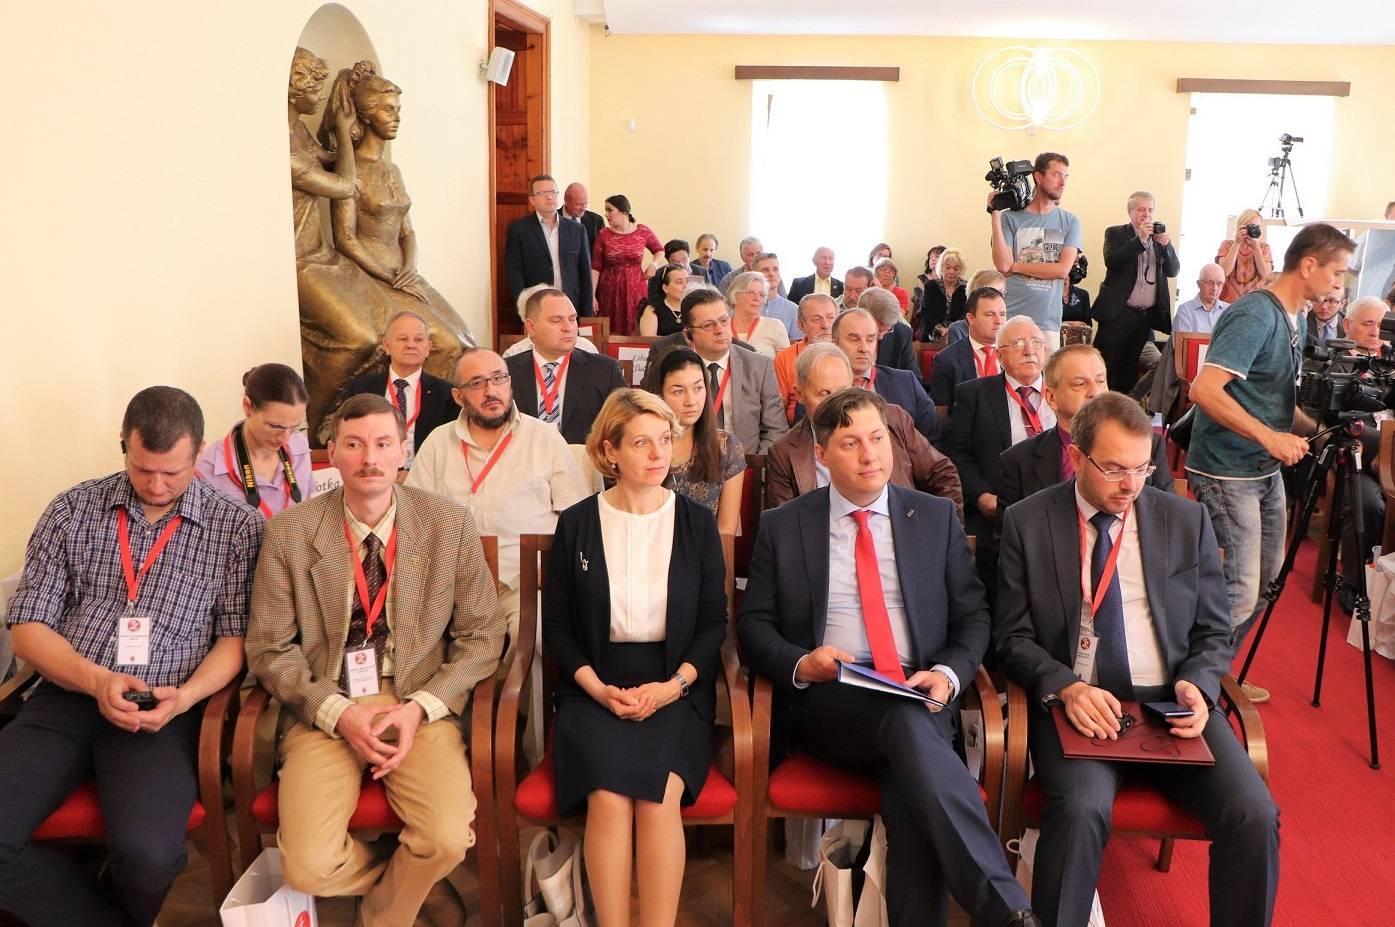 Matice a inštitúcie slovanských národov sa na kongrese v Martine vyslovili za užšiu spoluprácu